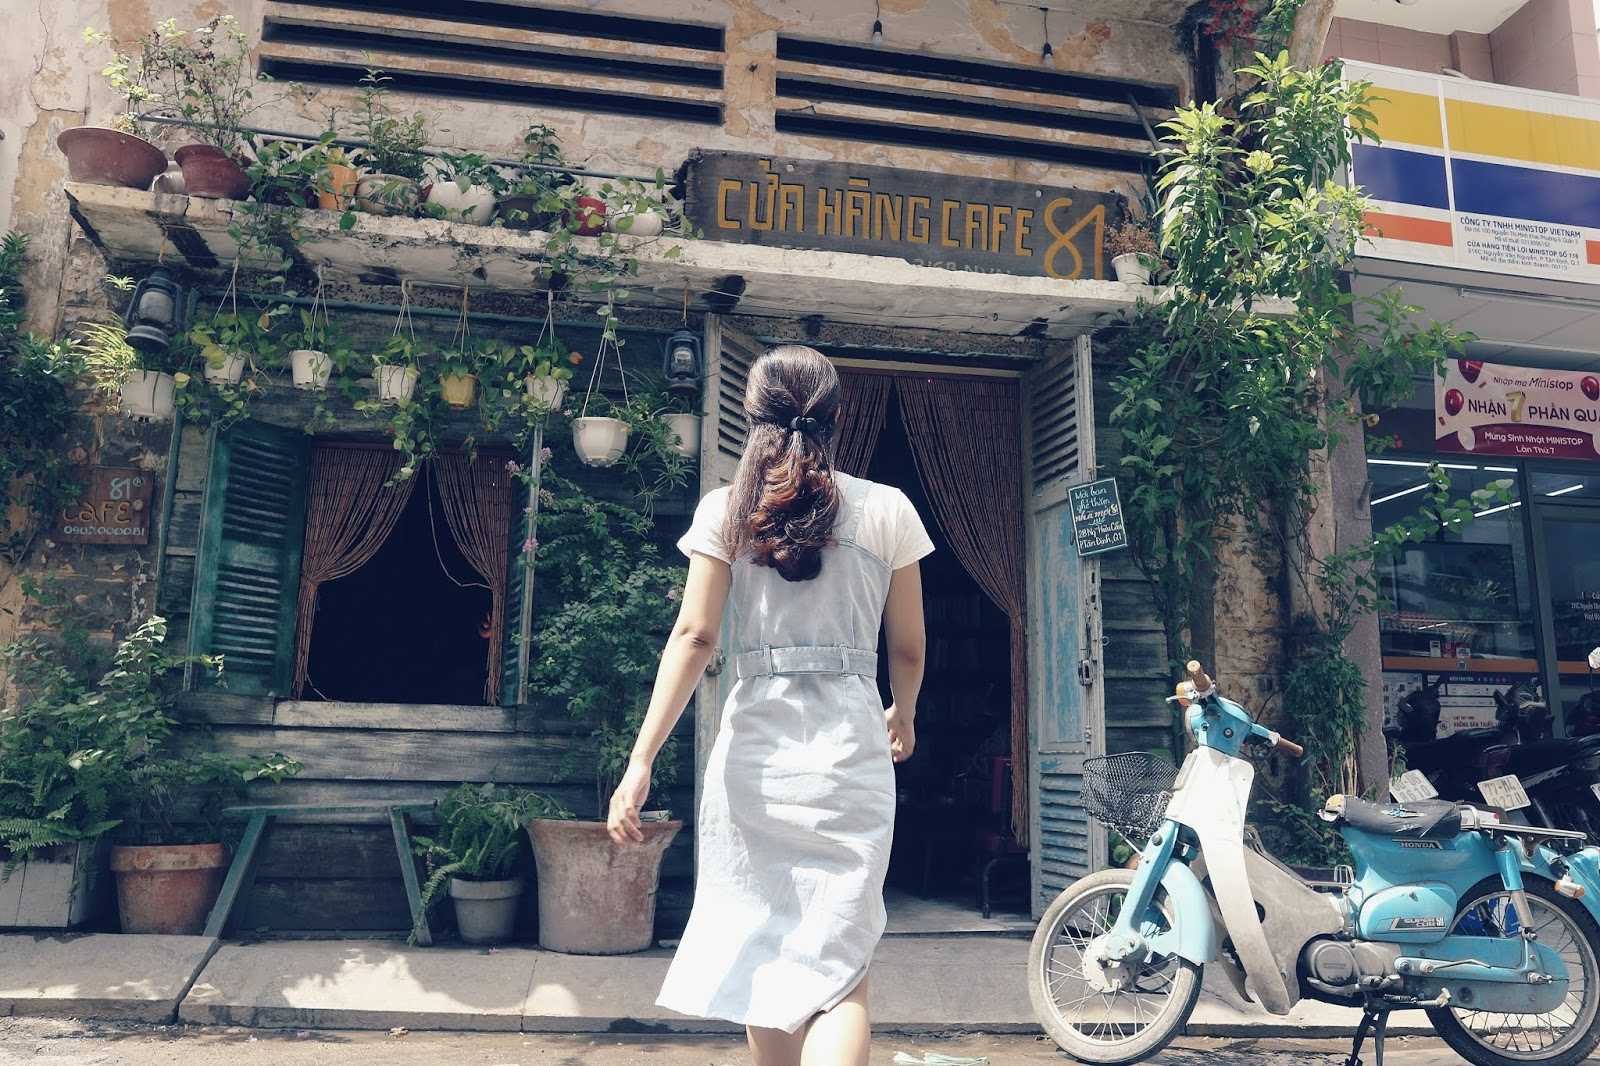 21+ quán Cafe Sài Gòn đẹp không góc chết, đồ uống ngon, check in mỏi tay